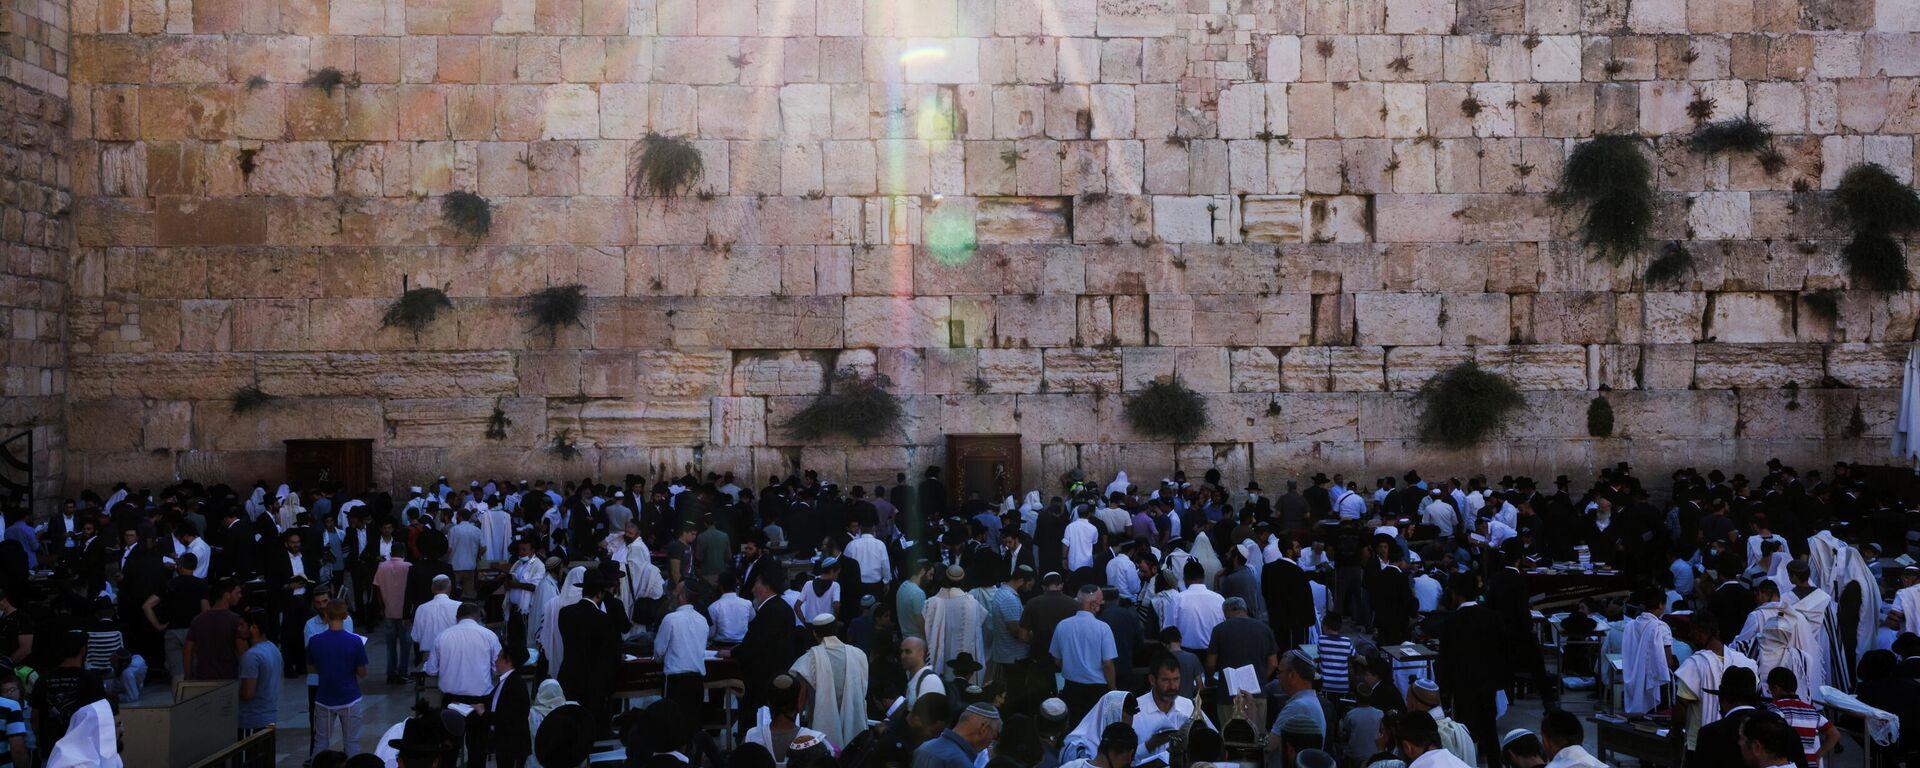 Los fieles judíos rezan durante Tisha b'Av, un día de ayuno y lamento, que conmemora la fecha del calendario judío en la que se cree que fueron destruidos el Primer y Segundo Templos, Ciudad Vieja de Jerusalén, el 18 de julio de 2021 - Sputnik Mundo, 1920, 18.07.2021